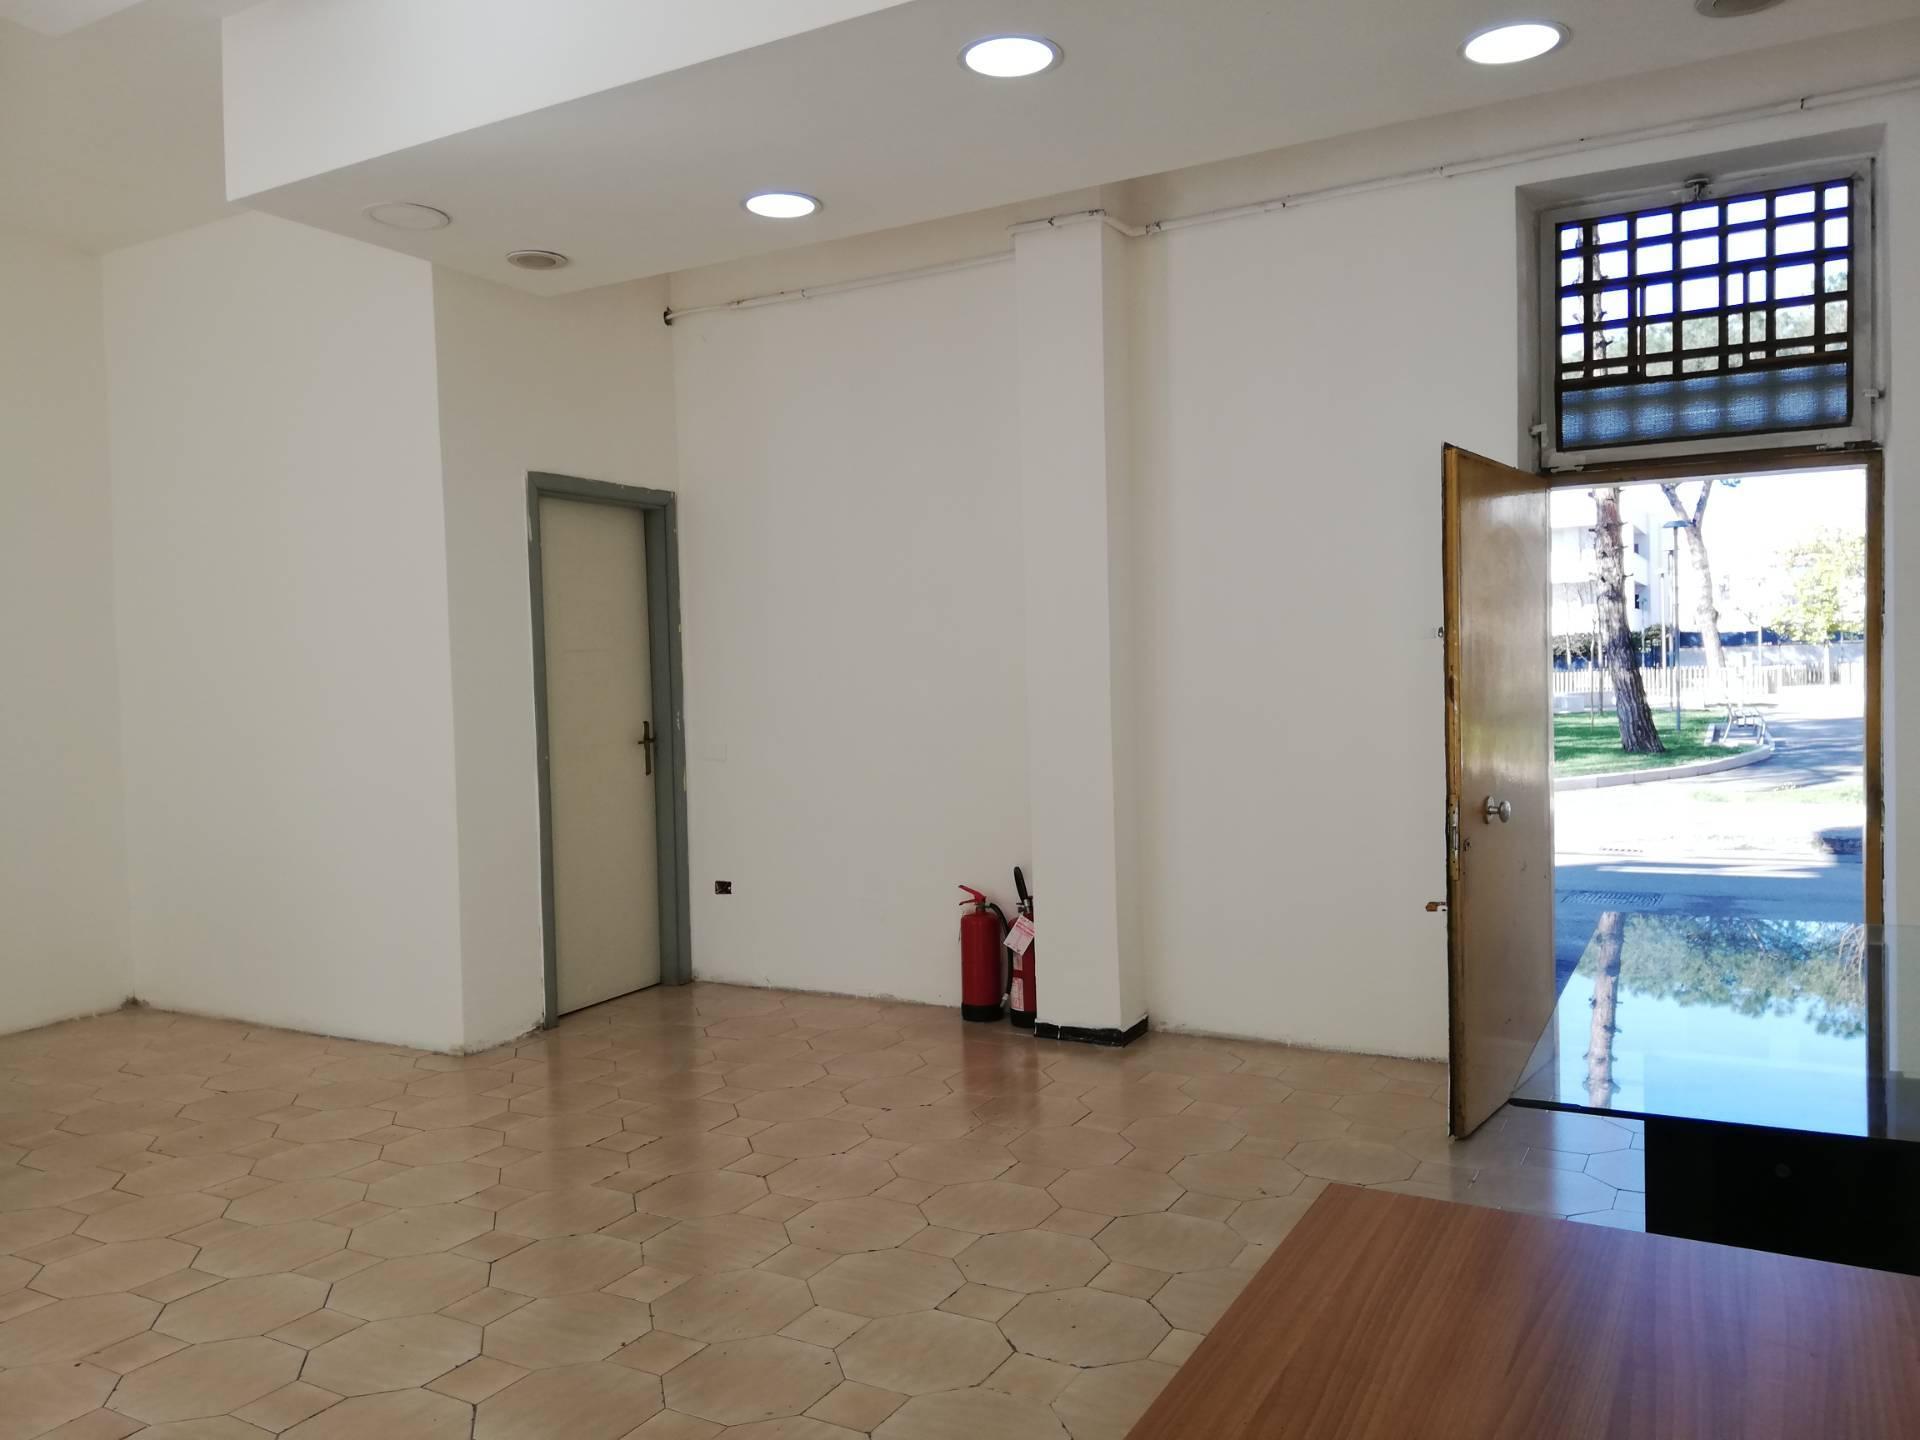 FONDO COMMERCIALE in Affitto a Pomigliano D'arco (NAPOLI)